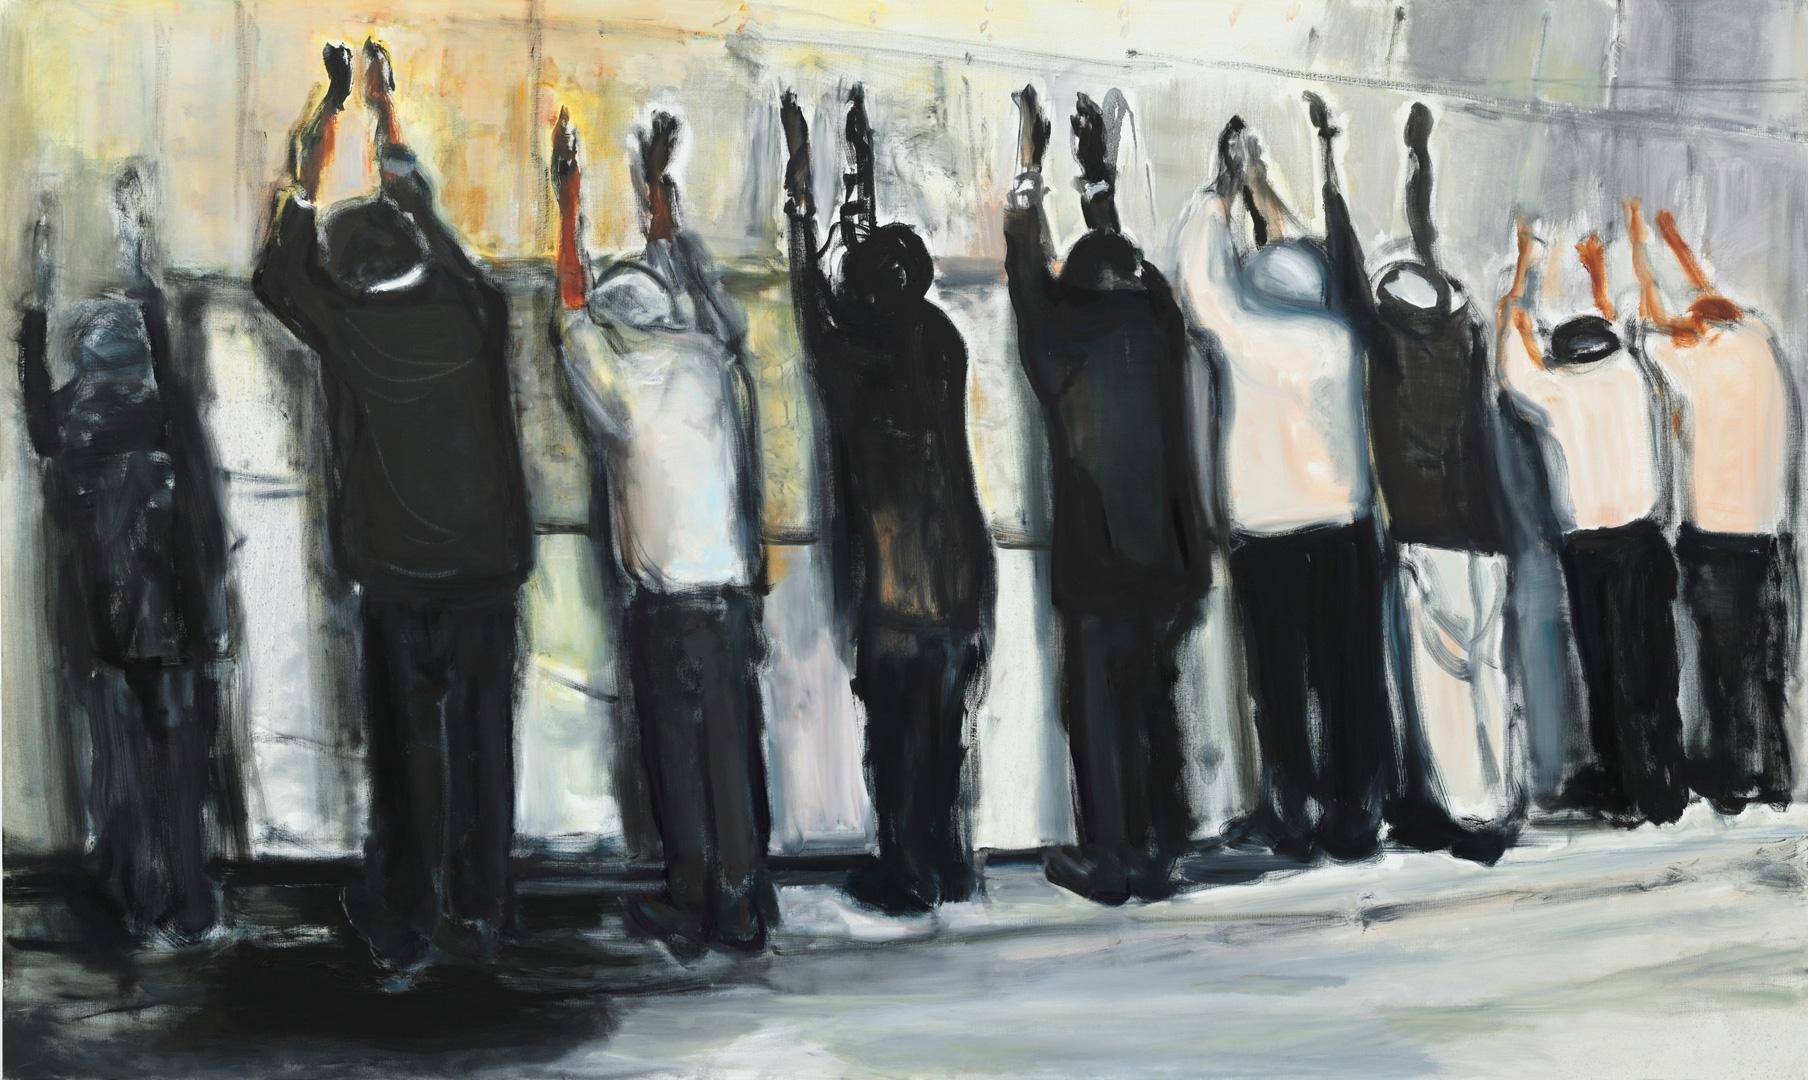 Wall Weeping - Marlene Dumas (2009)